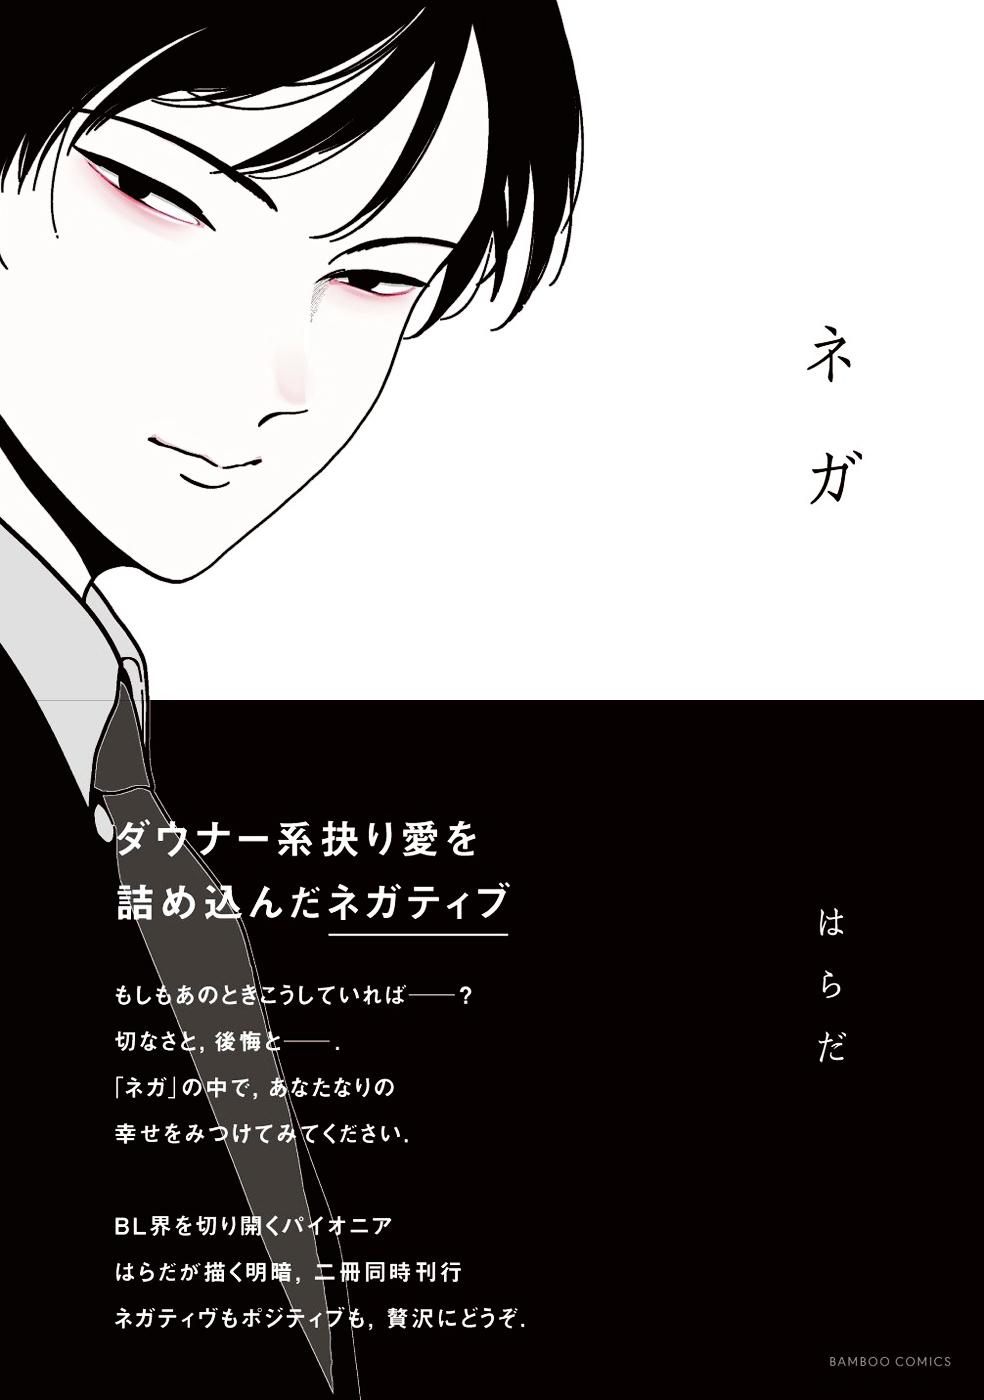 Harada manga